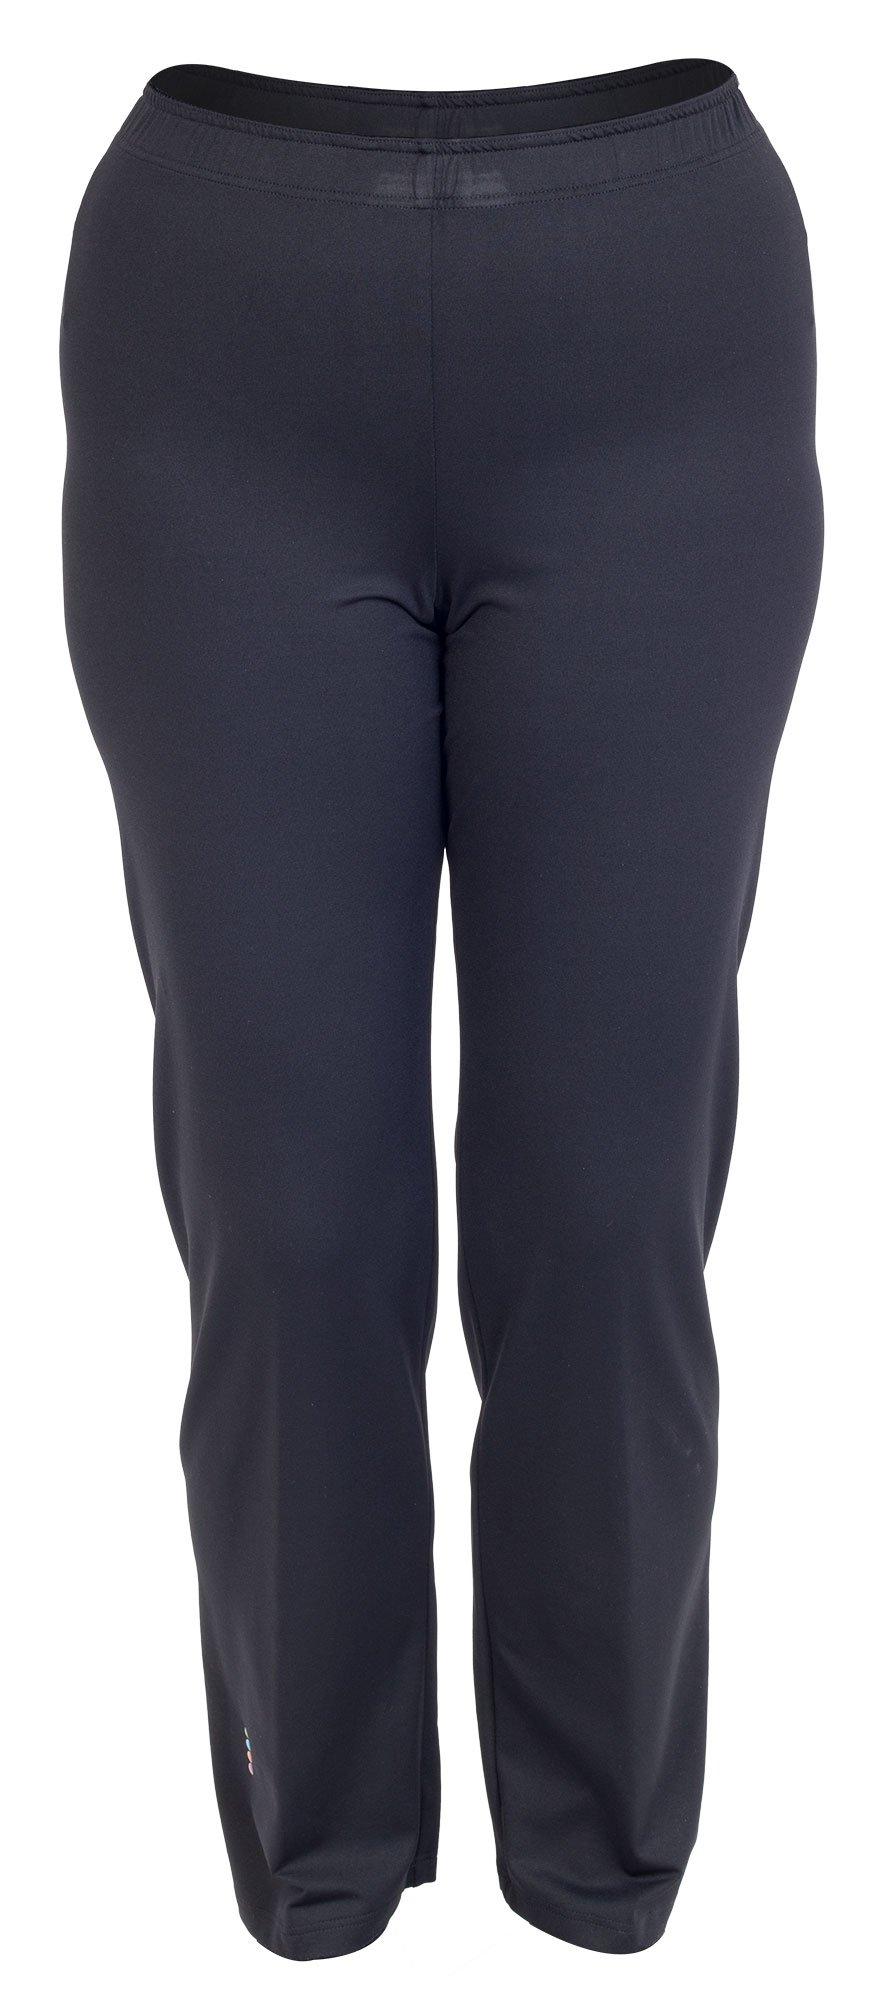 Lange sorte fitness bukser i store størrelser